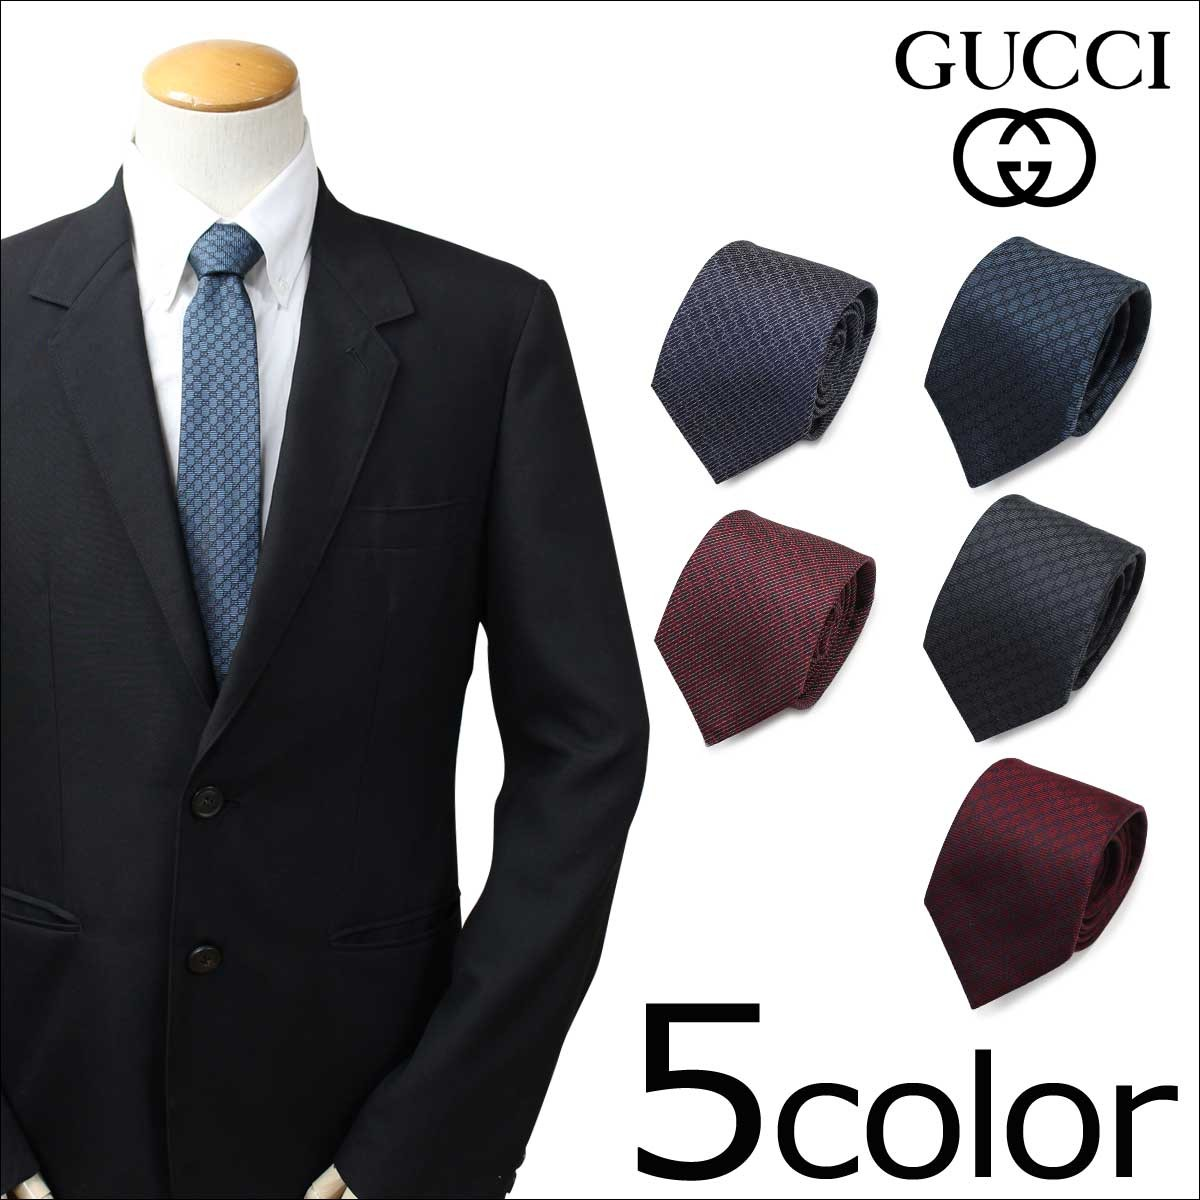 グッチ GUCCI ネクタイ シルク メンズ イタリア製 ビジネス 結婚式 TIE 5カラー [1/16 追加入荷]